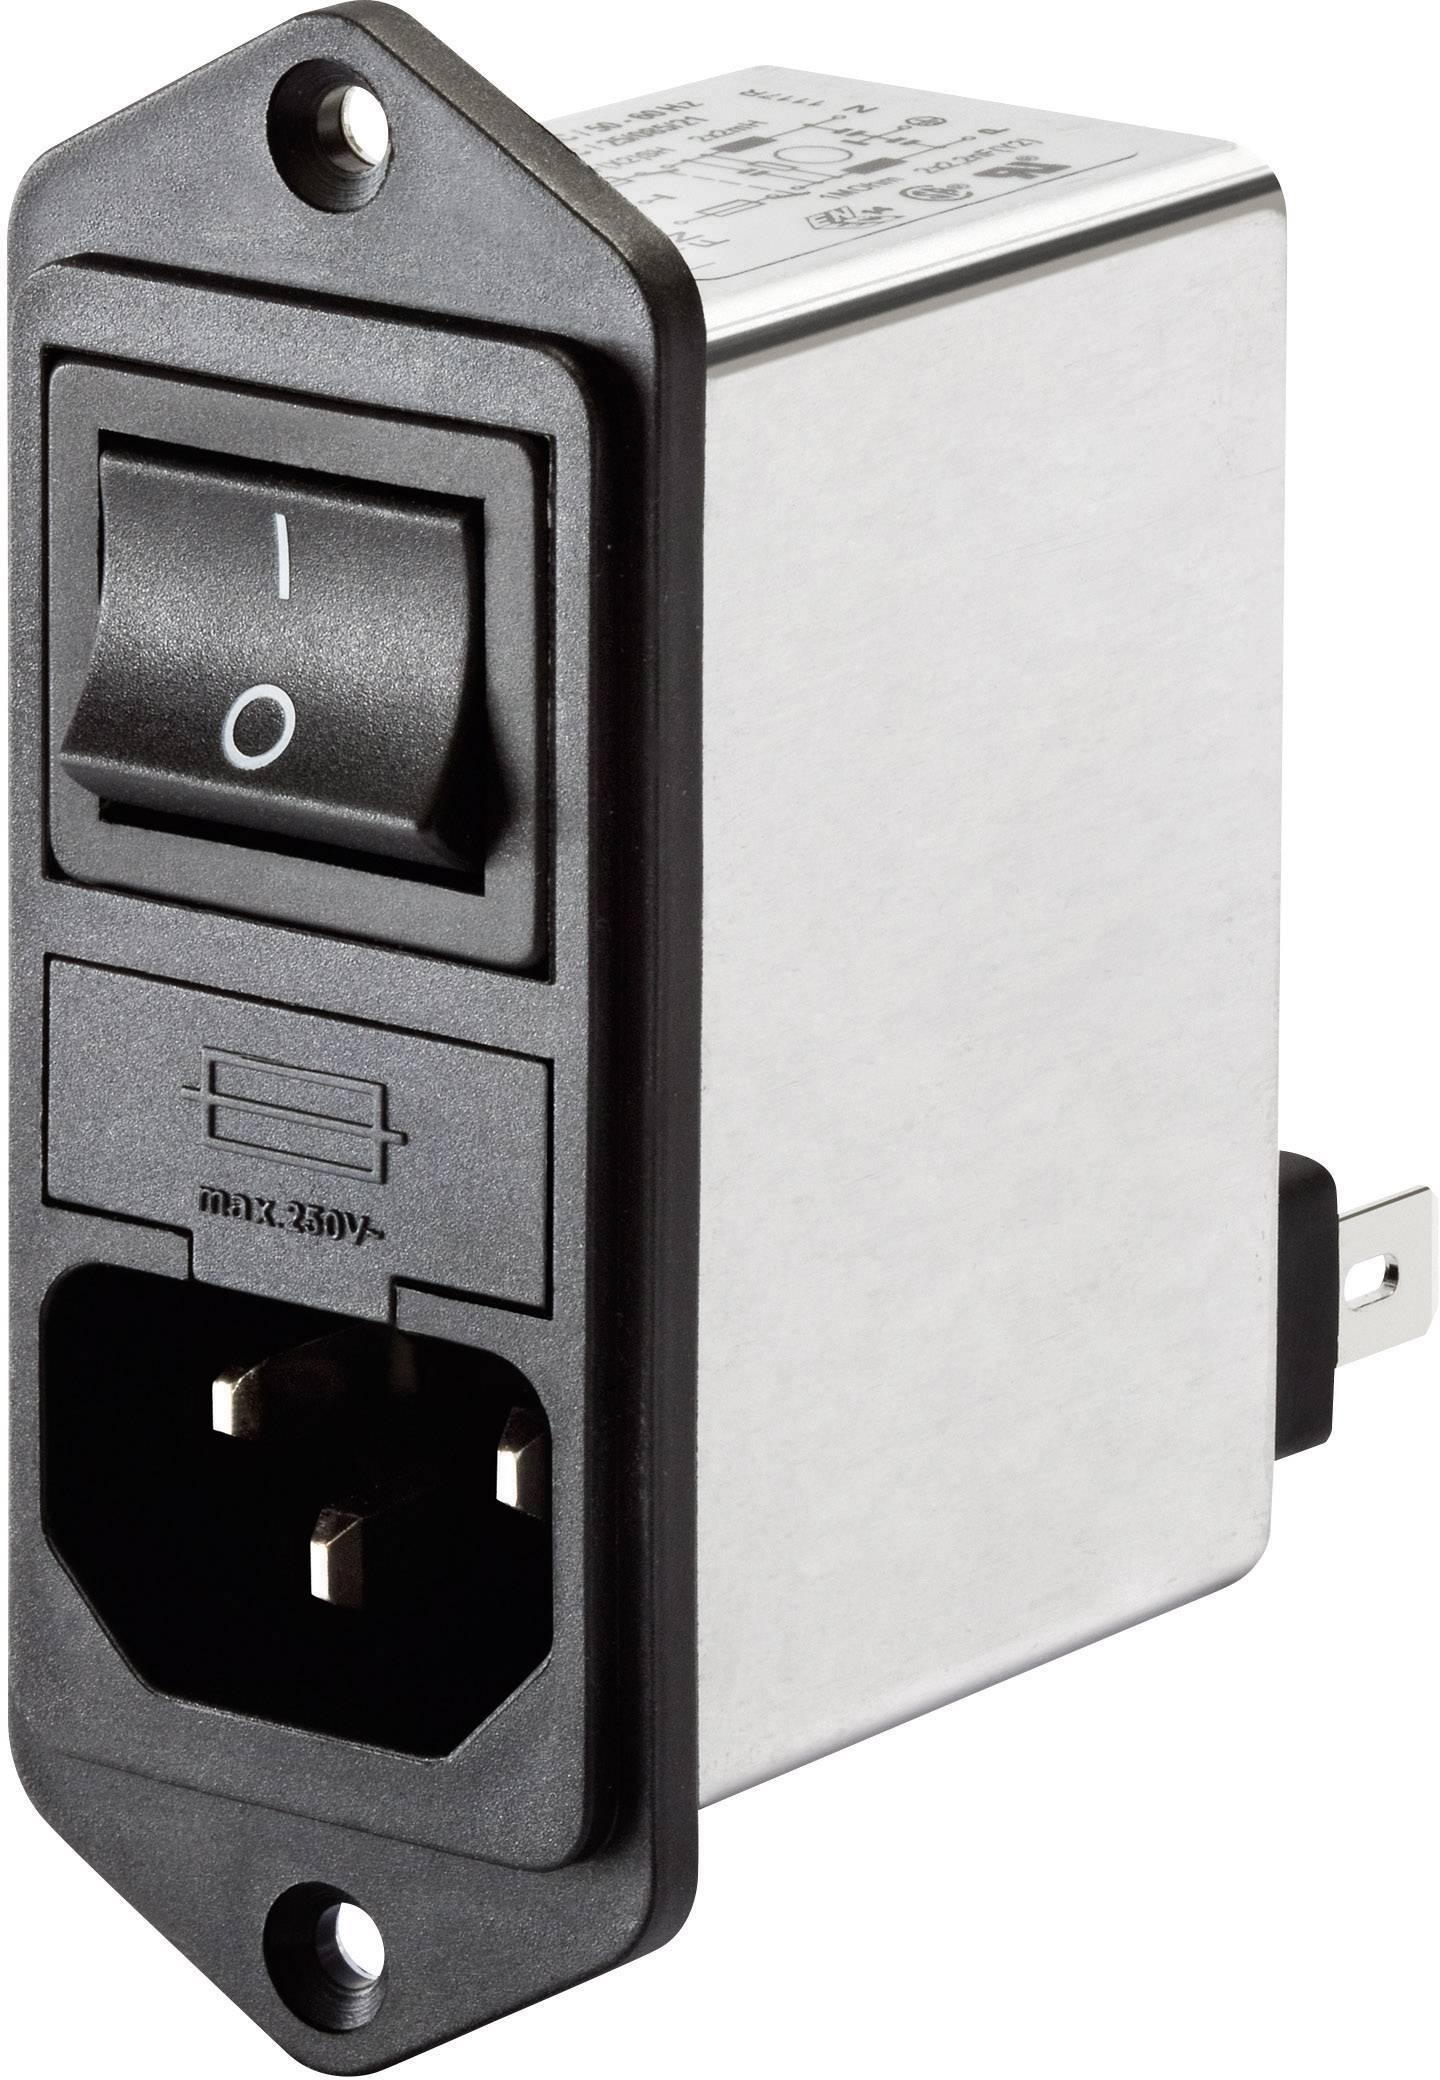 Sieťový filter Schaffner FN 286-2-06 FN 286-2-06, so spínačom, s IEC zásuvkou, 250 V/AC, 2 A, 2 mH, 1 ks